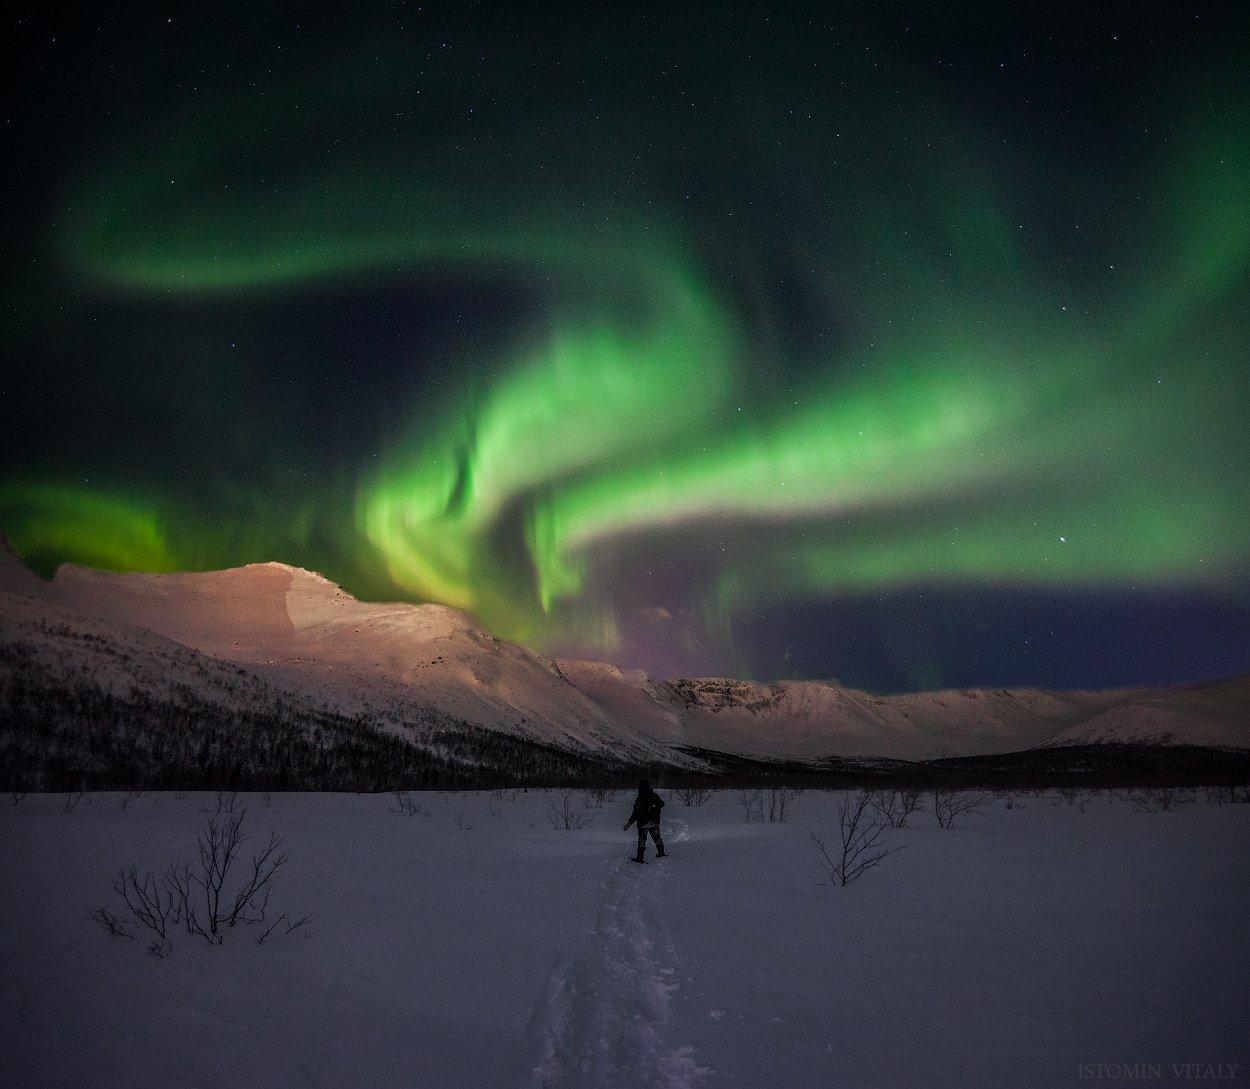 пейзаж,сияние,россия,хибины,ночь,небо,горы,снег,зима,человек, Истомин Виталий